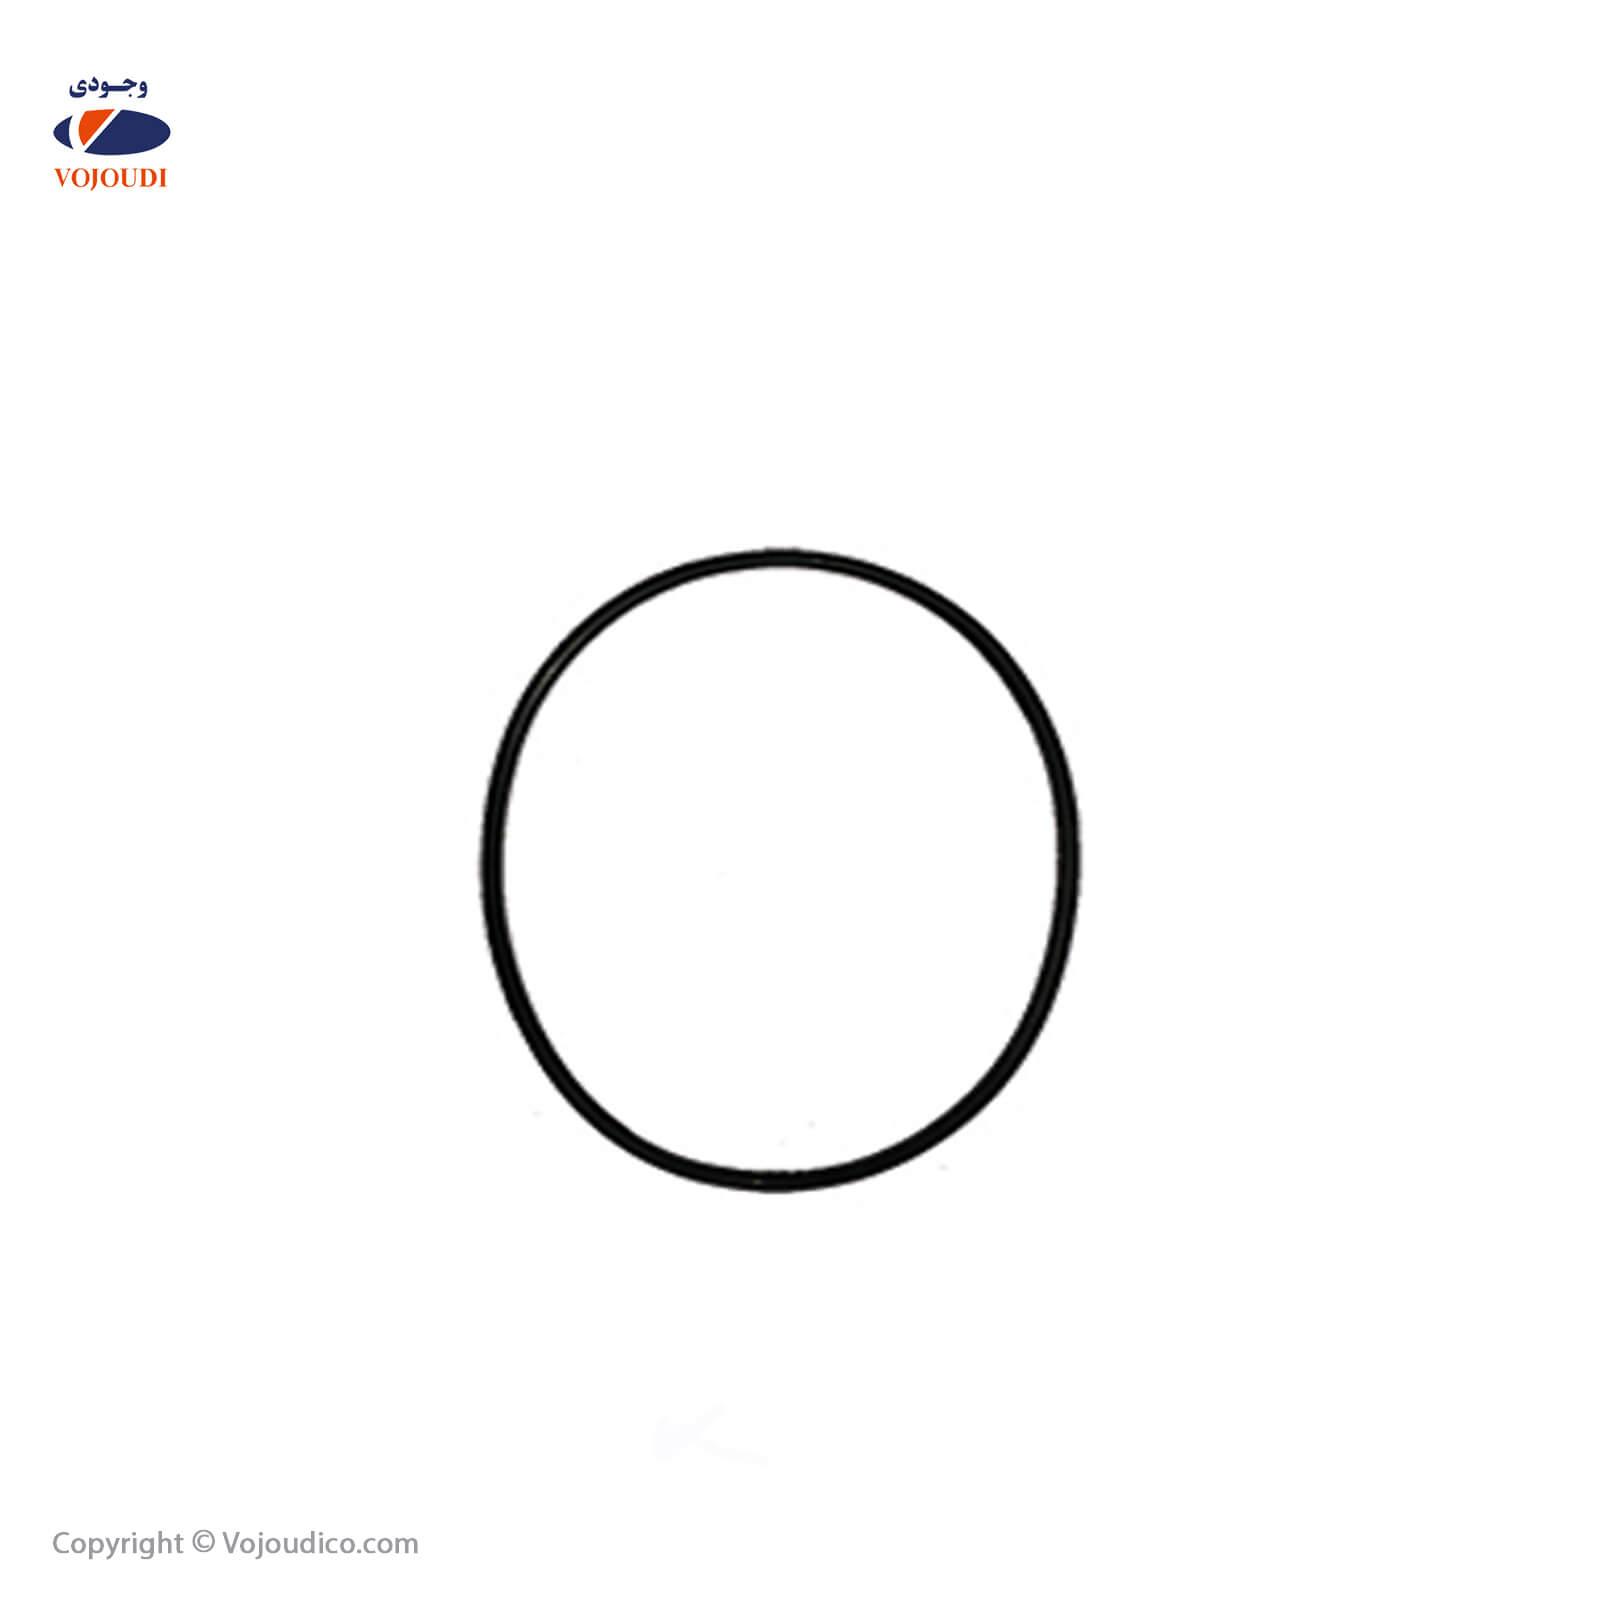 31375 - واشر اورینگ درب پمپ بنزین وجودی کد 31375 ، تعداد در بسته : 10 عدد